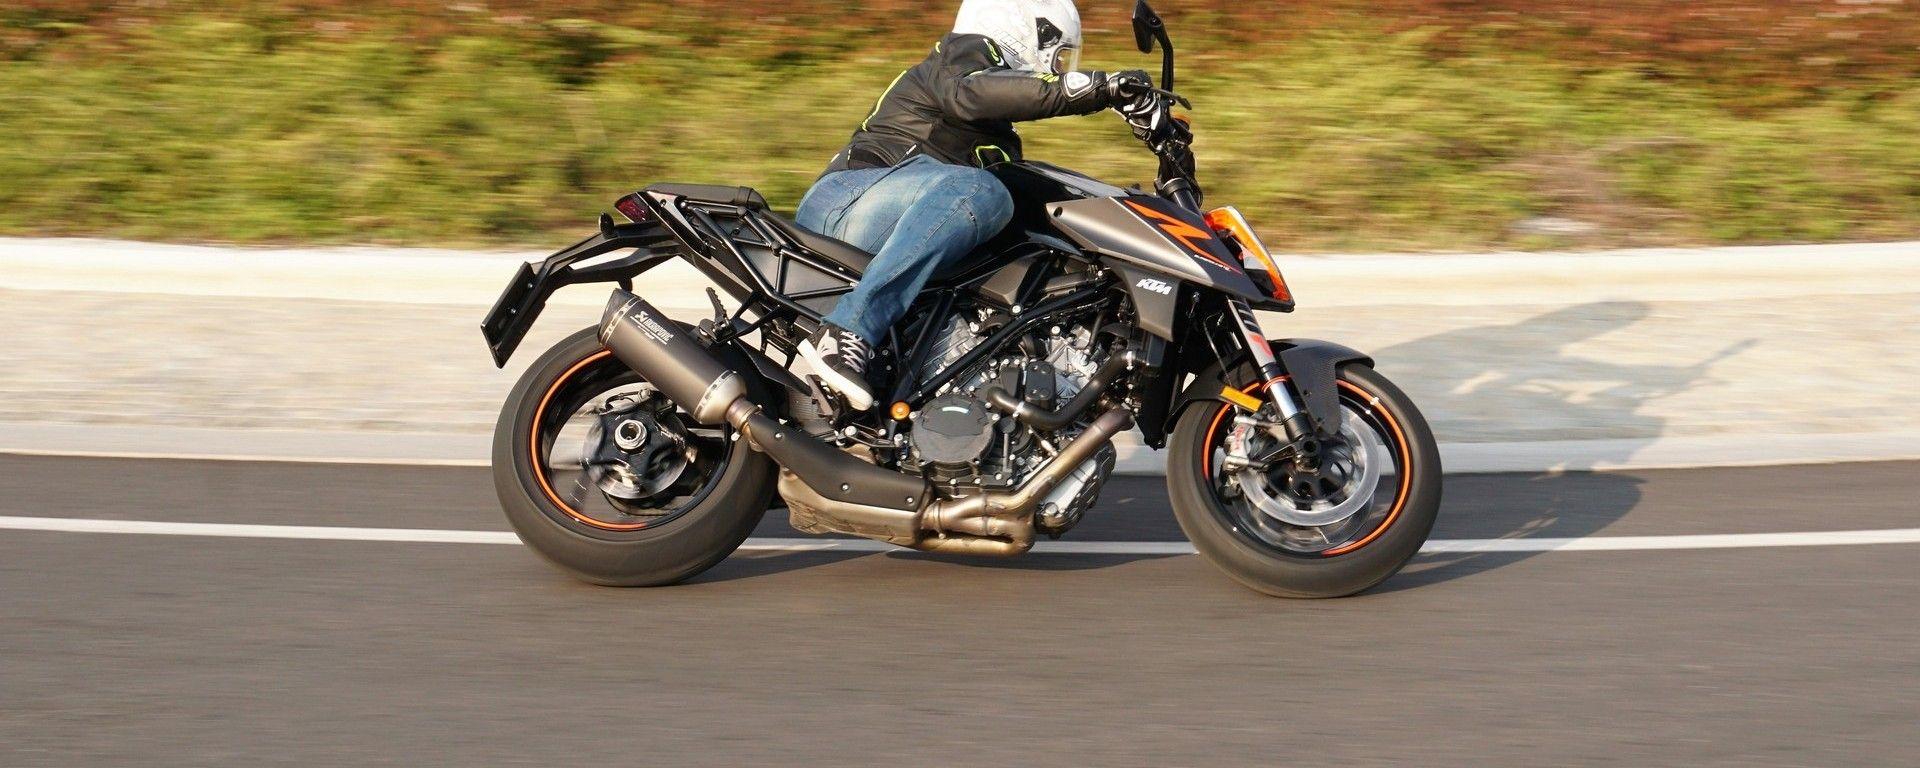 KTM 1290 Super Duke R: bestia indomabile o docile naked?